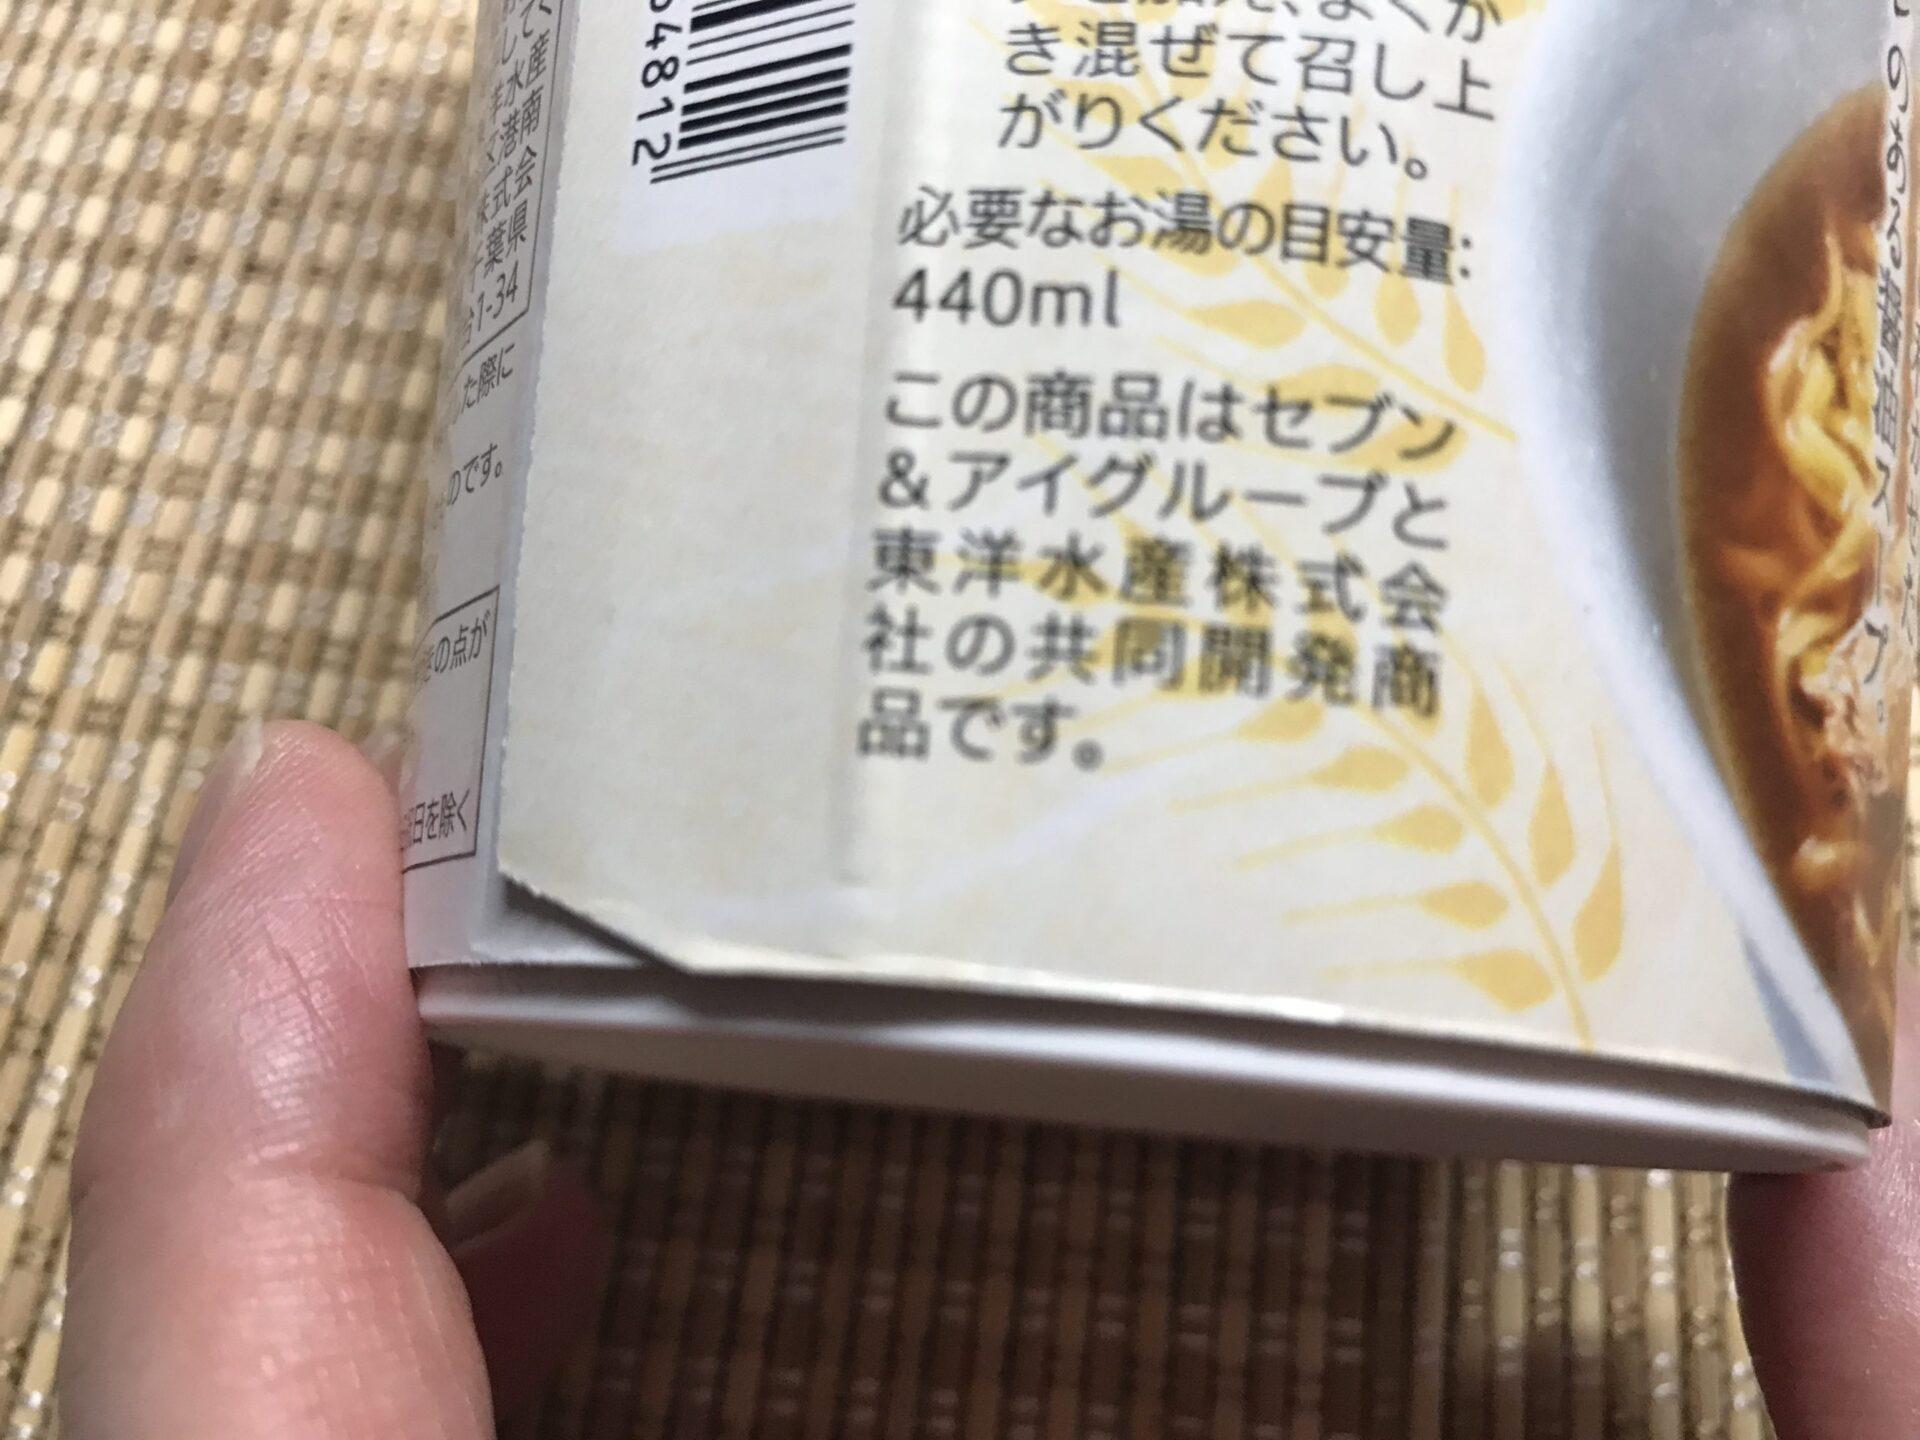 セブンプレミアム:らぁ麺 飯田商店 東洋水産と共同開発